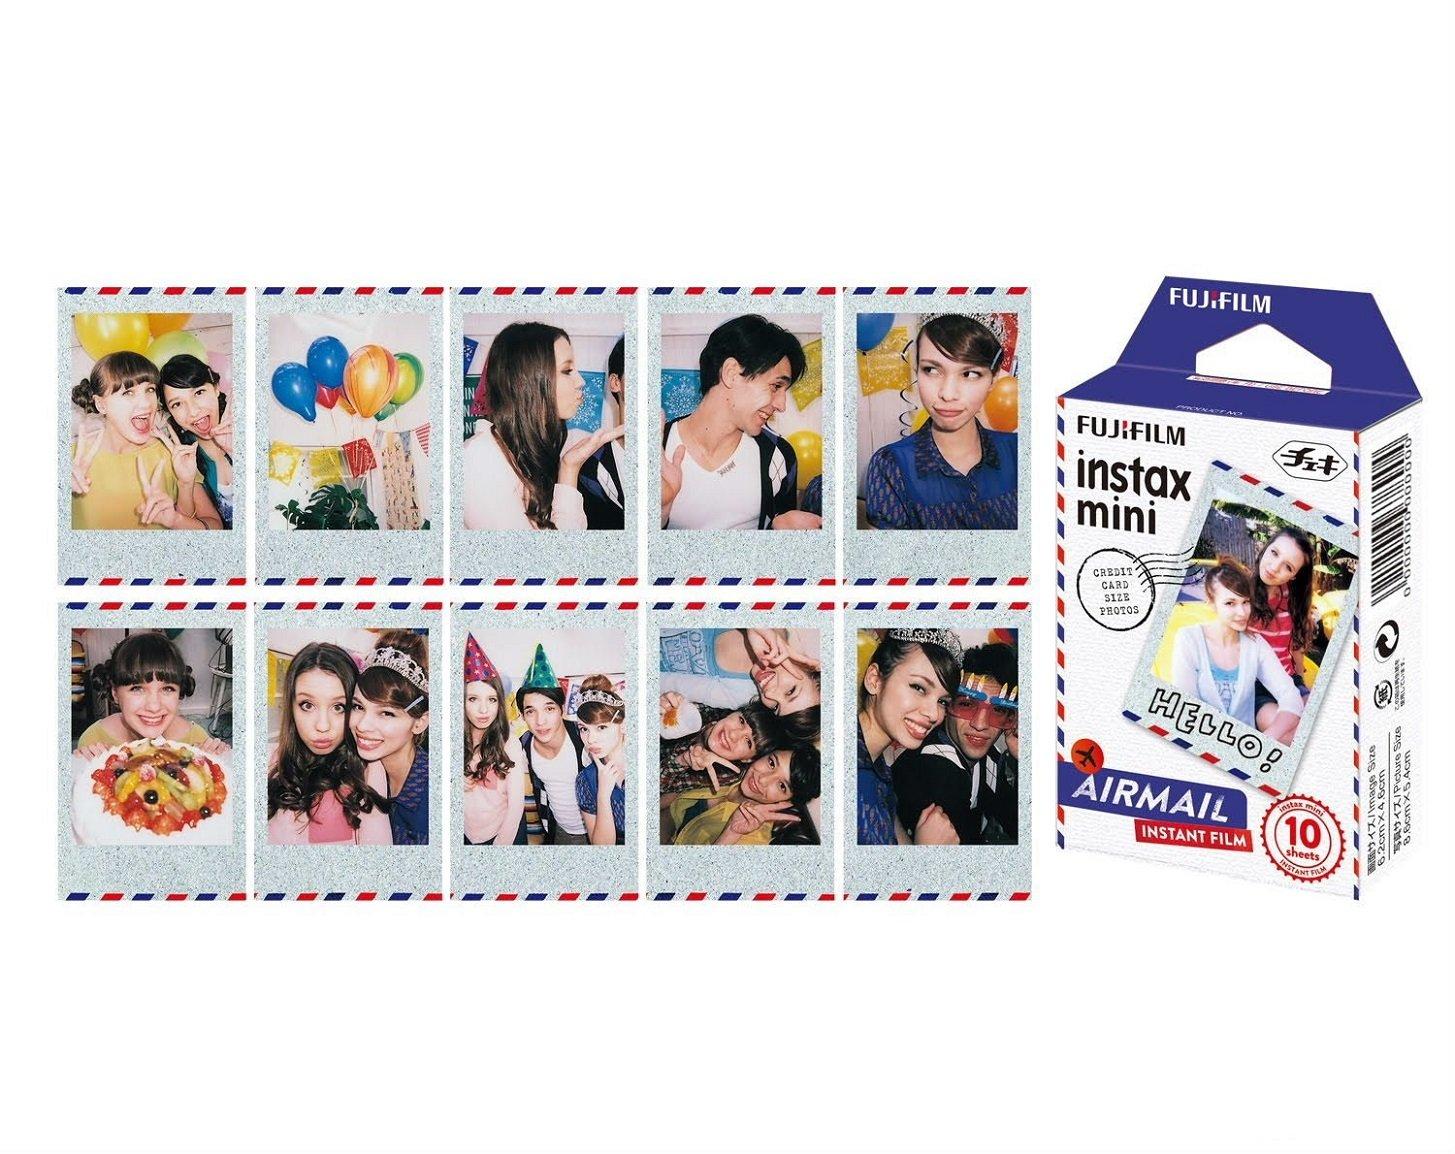 Fujifilm Instax Mini Airmail Film 10 Exposures Paper Comic Camera Photo